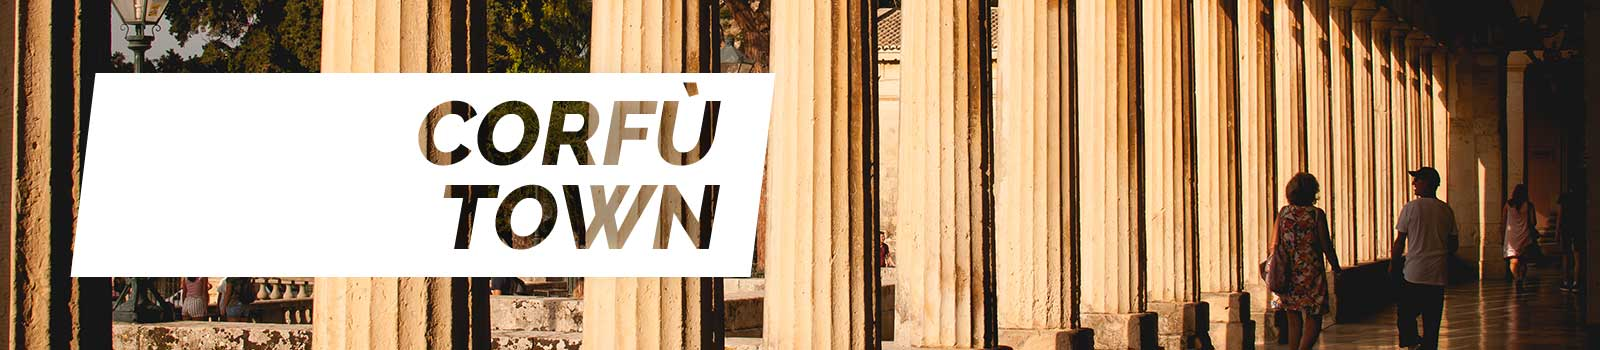 corfu-b9-corfu-town-ok